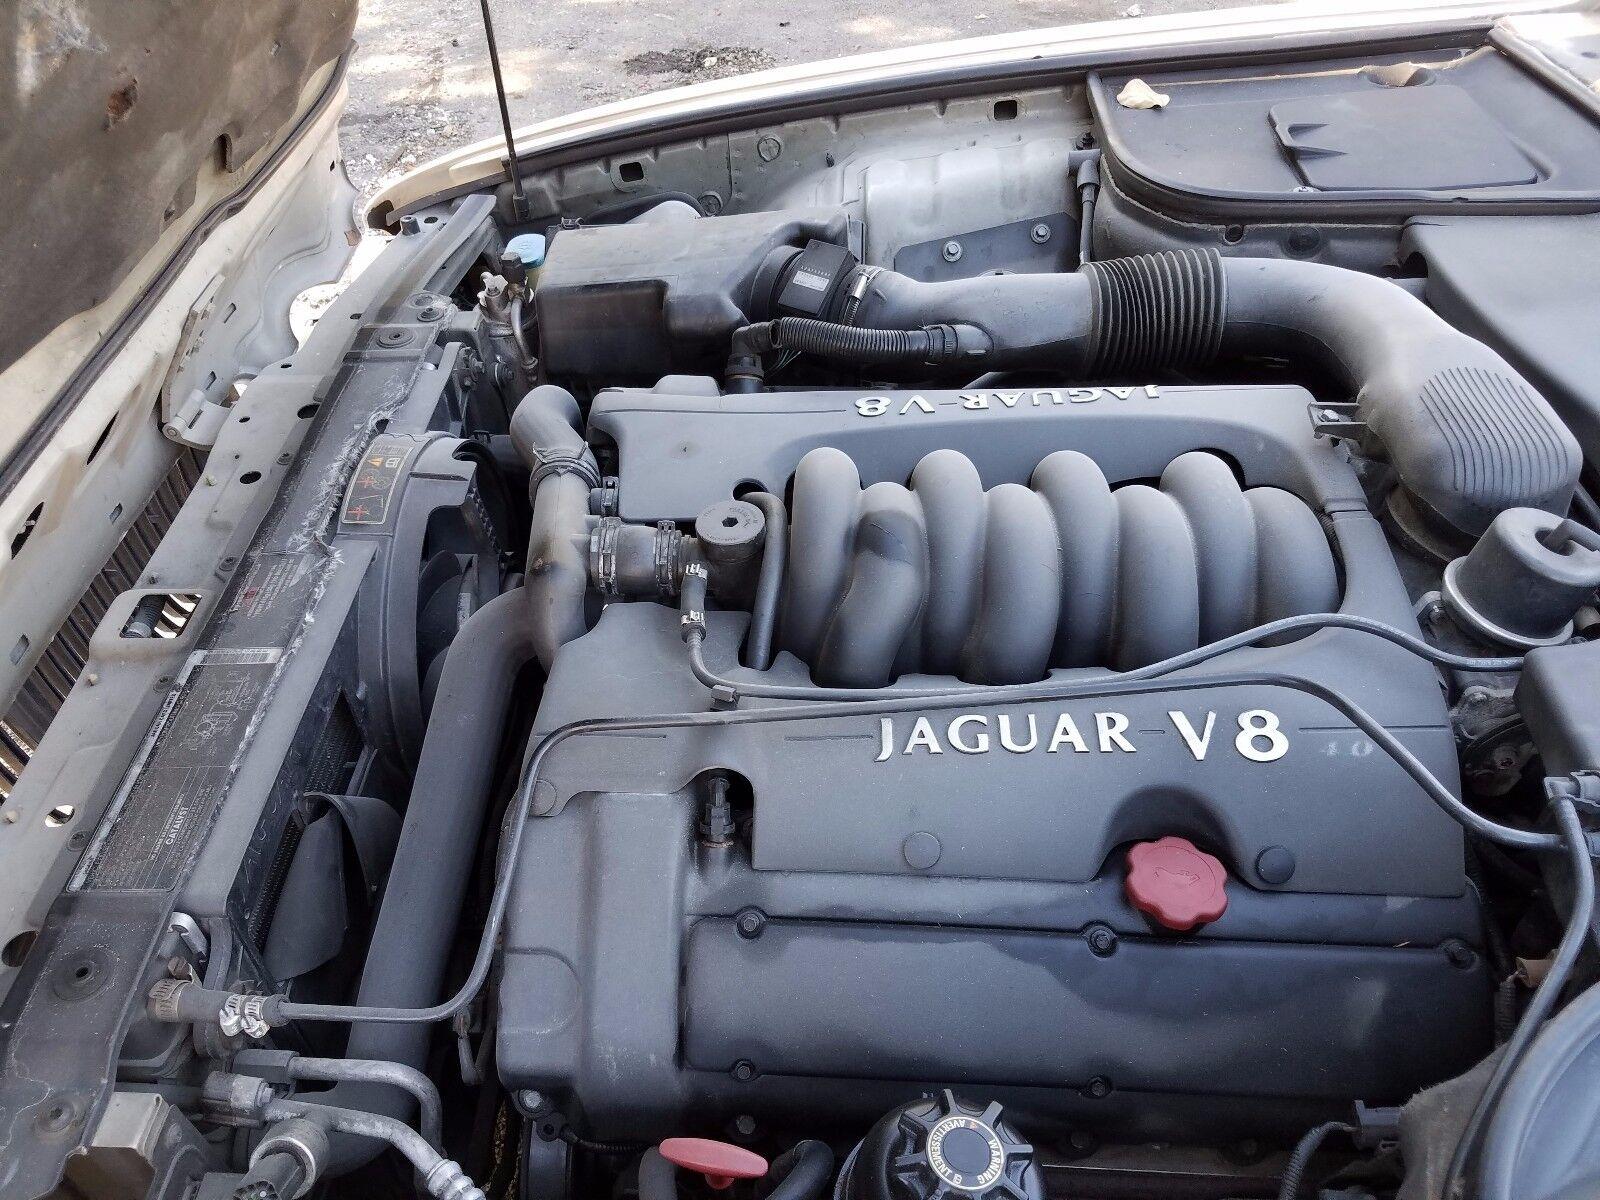 Used Jaguar Vanden Plas Engines For Sale 1996 Xj6 1998 Xj8 Xj8l V8 40 Engine